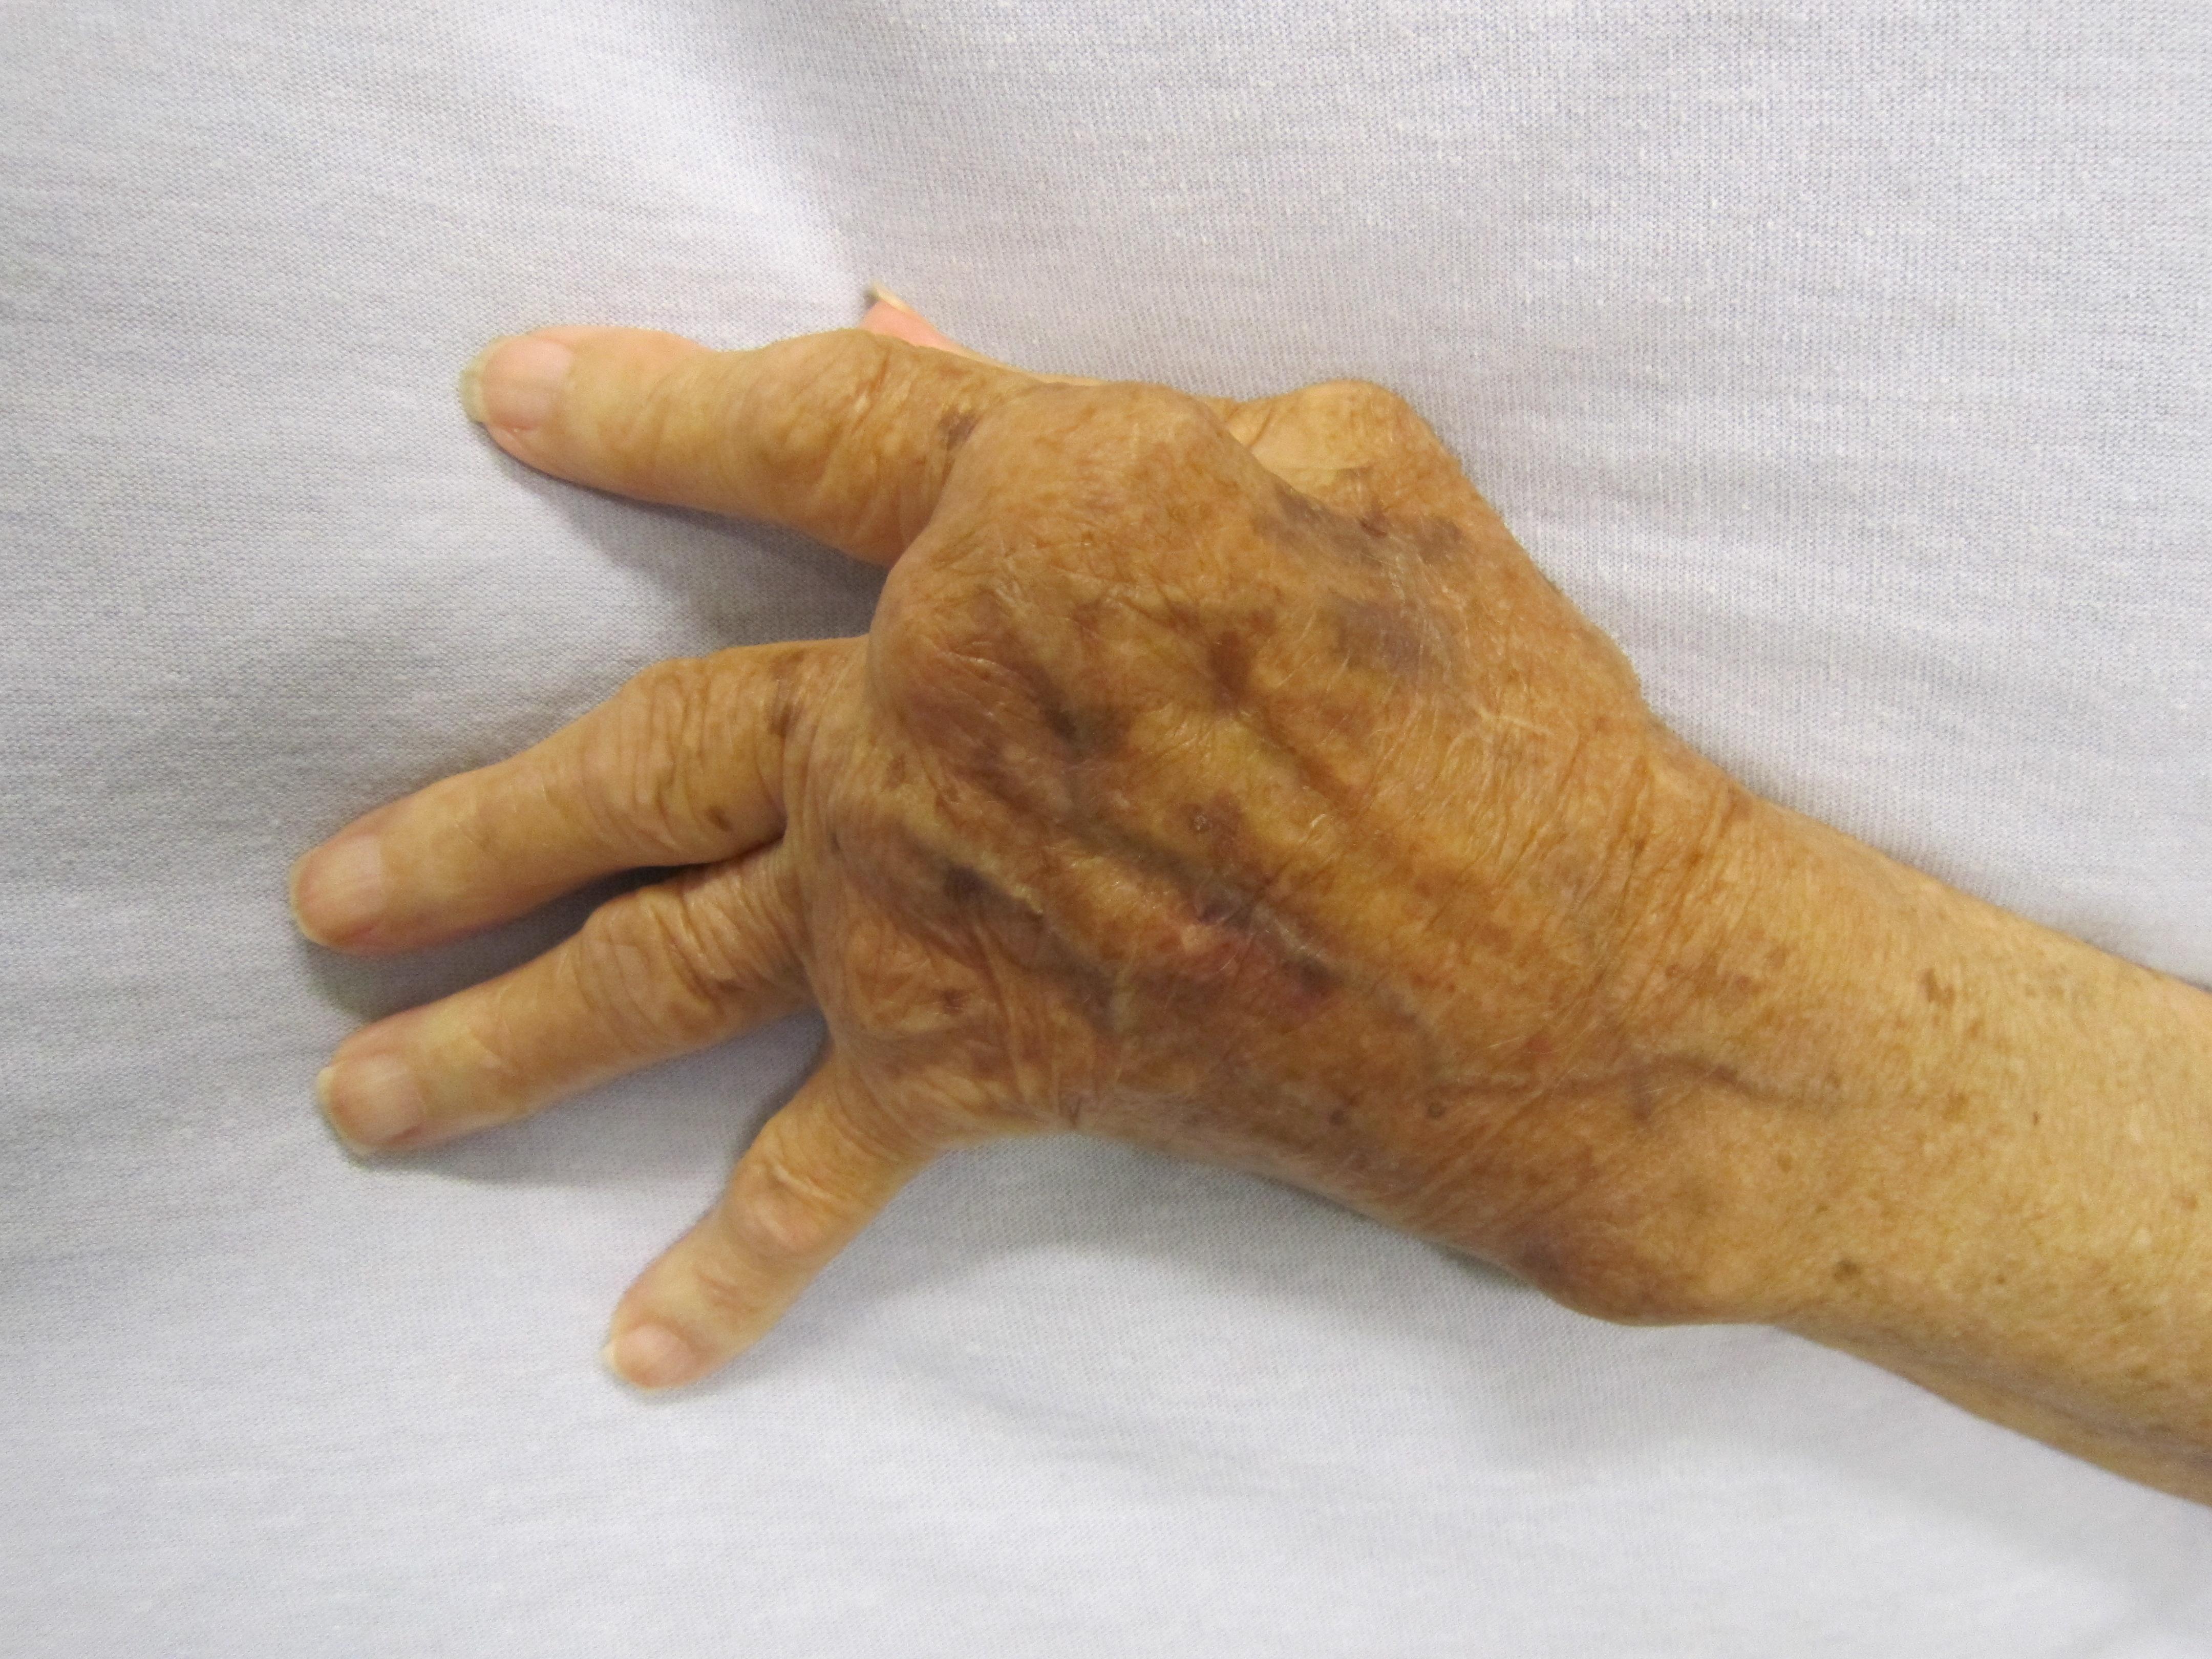 rheumatoid arthritis ízületi károsodásának képe tartós fájdalom a csípőízületben